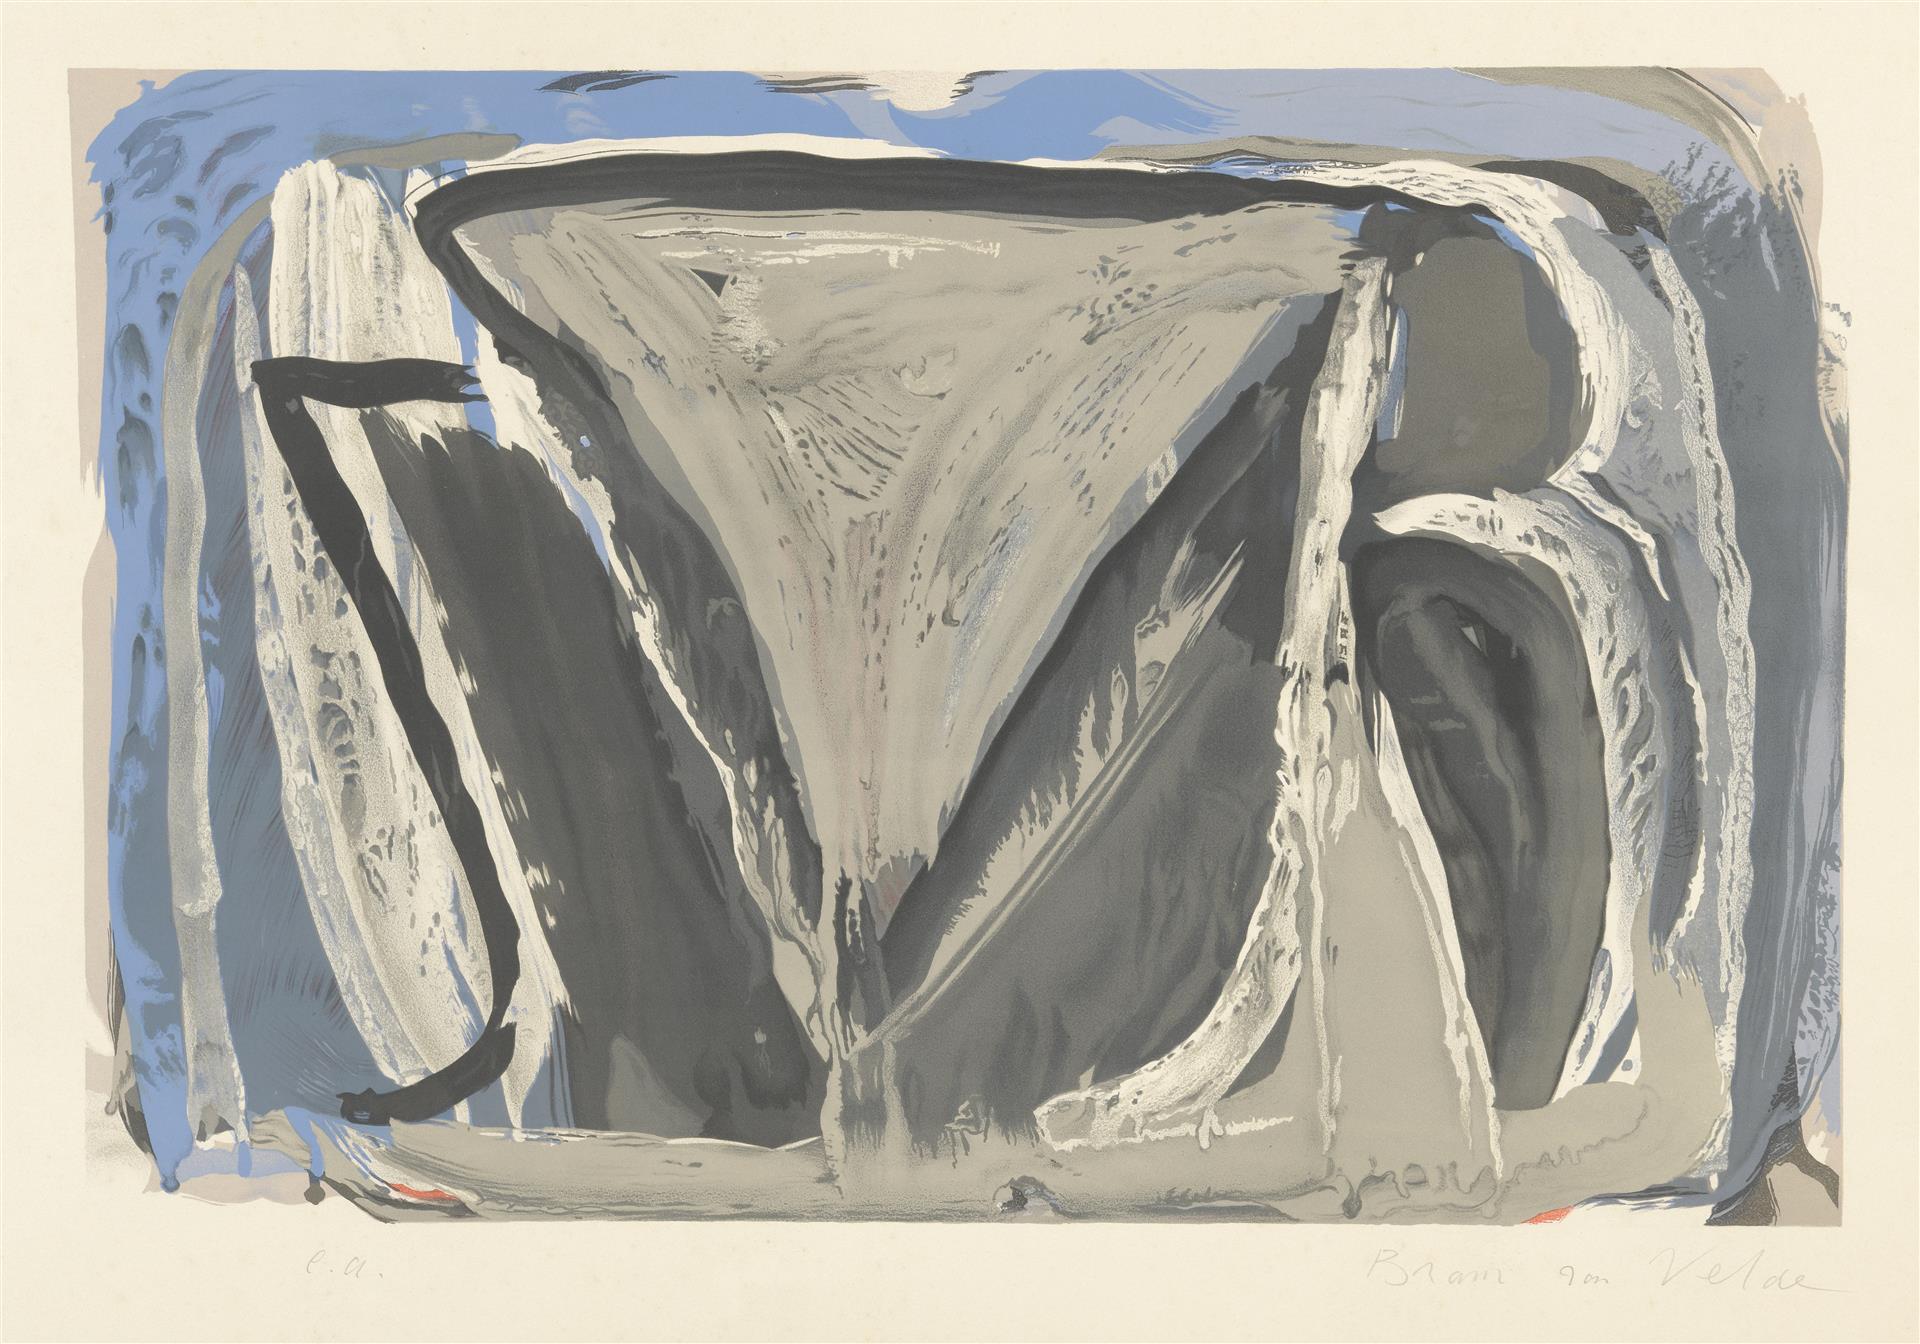 Lot 4 - BRAM VAN VELDE (1895-1981). Composition abstraite. Lithographie en couleurs. Épreuve [...]